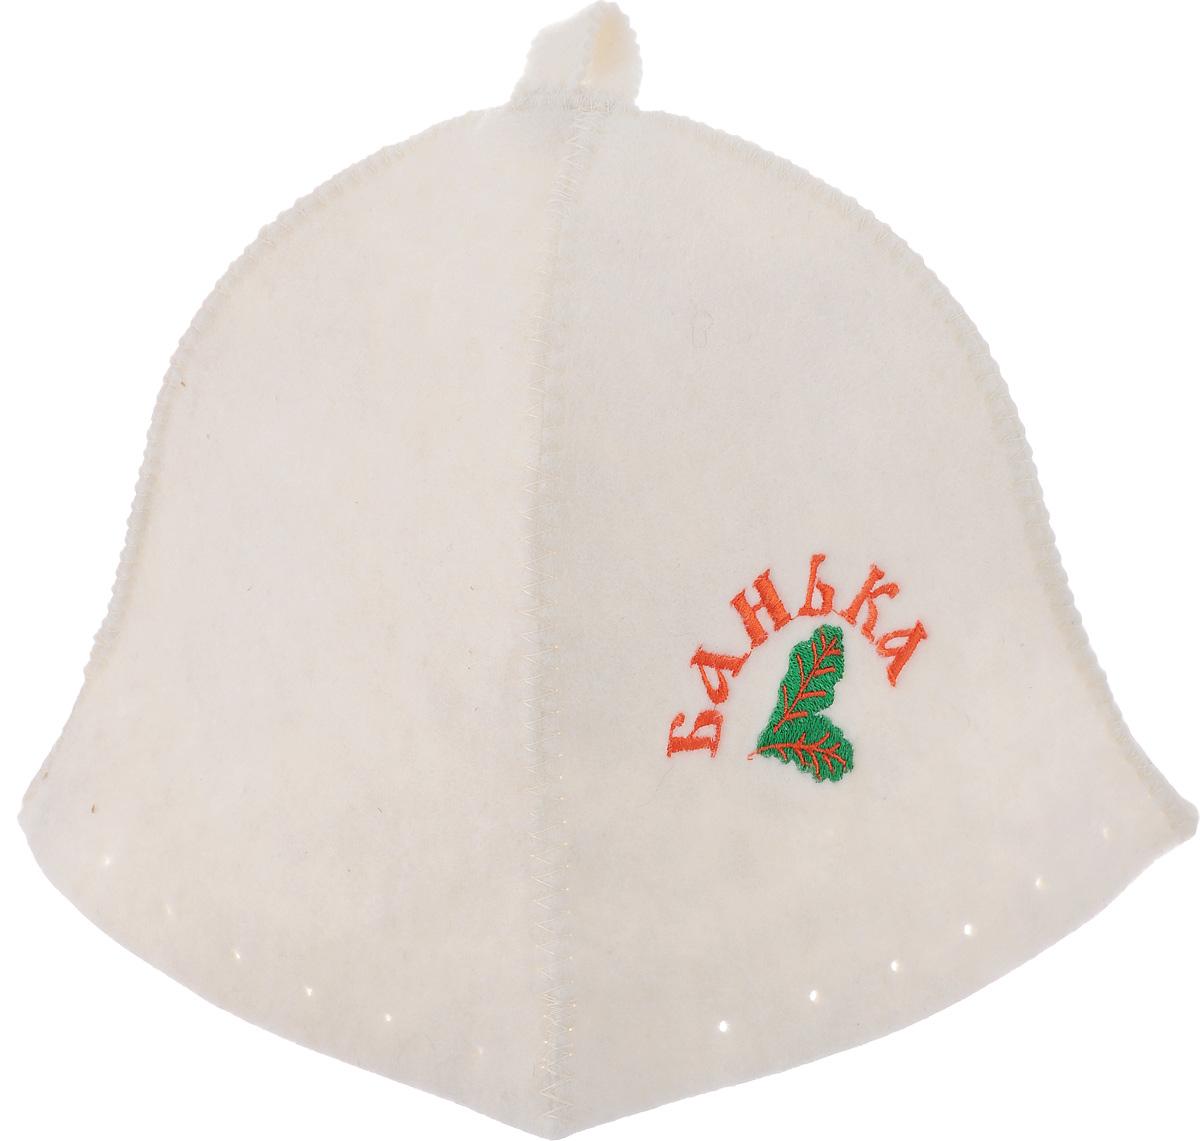 Шапка для бани и сауны Proffi Люкс. БанькаBH0119-RБанная шапка Proffi Люкс. Банька изготовлена из высококачественного войлока и декорирована изображением двух листьев и надписью Банька. Банная шапка - это незаменимый аксессуар для любителей попариться в русской бане и для тех, кто предпочитает сухой жар финской бани. Кроме того, шапка защитит волосы от сухости и ломкости, голову от перегрева и предотвратит появление головокружения. На шапке имеется петелька, с помощью которой ее можно повесить на крючок в предбаннике. Такая шапка станет отличным подарком для любителей отдыха в бане или сауне.Обхват головы: 74 см.Высота шапки: 24 см.